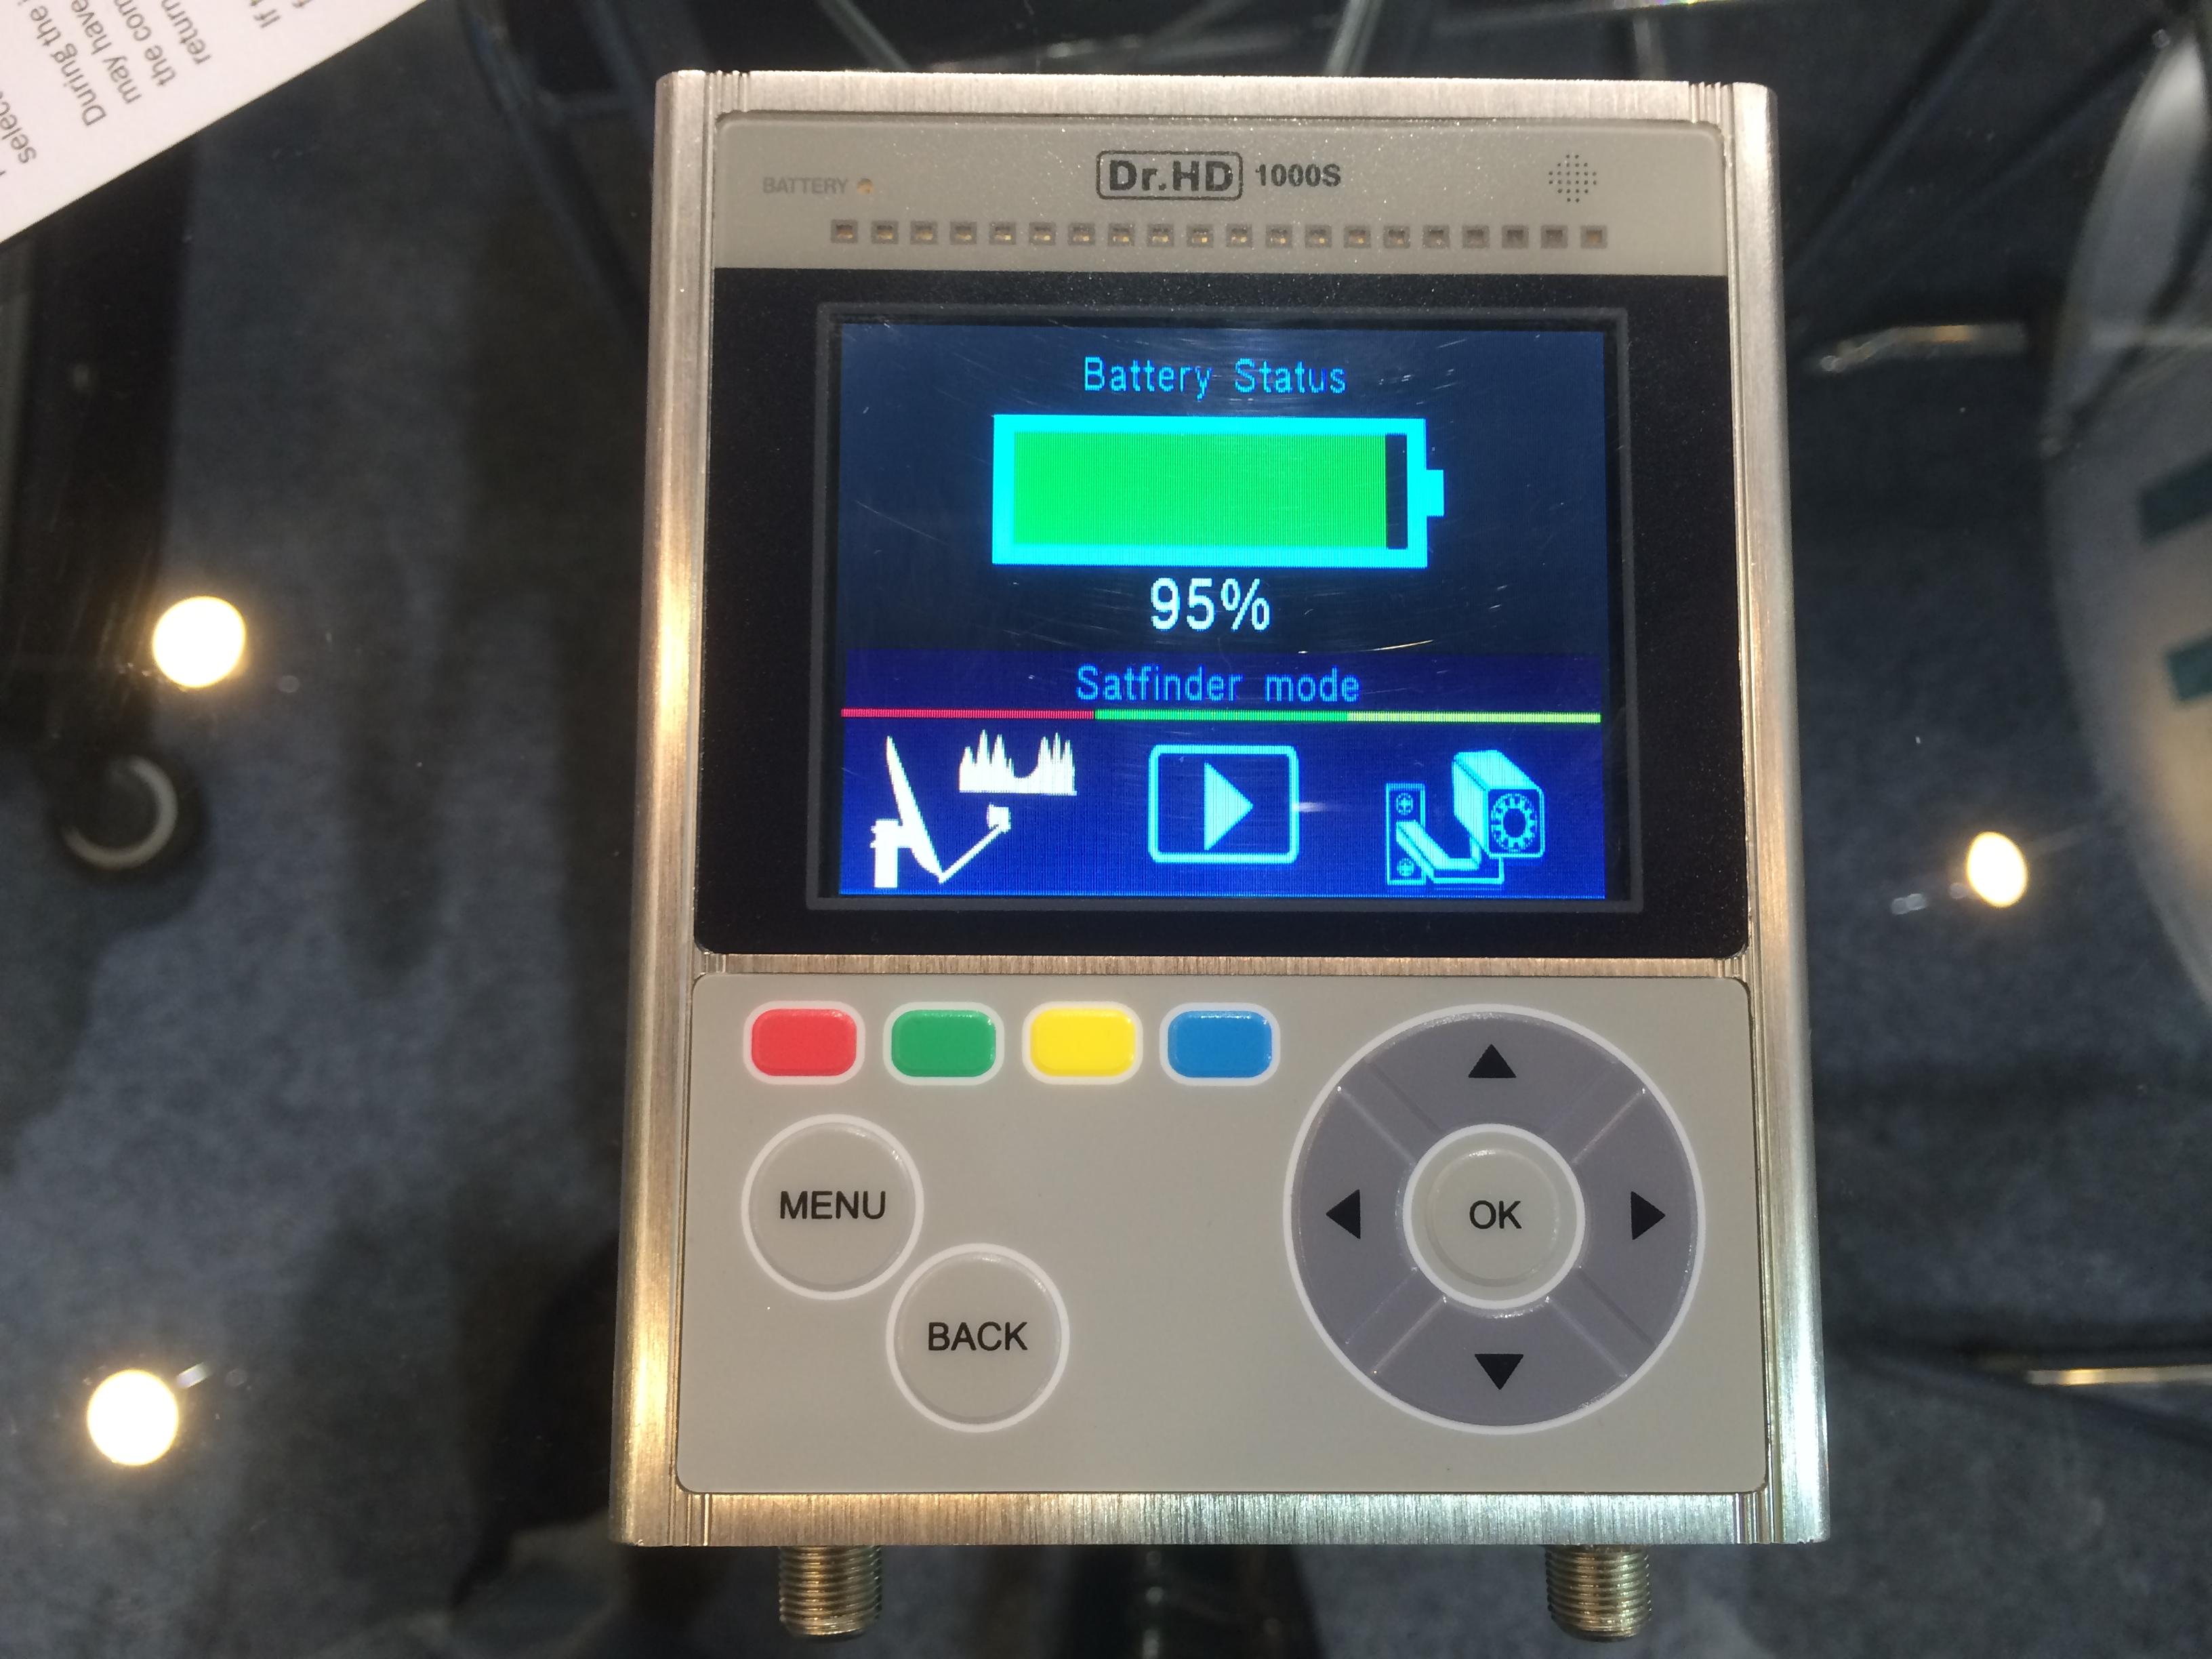 Новый измерительный прибор Dr.HD 1000S на выставке CES 2014